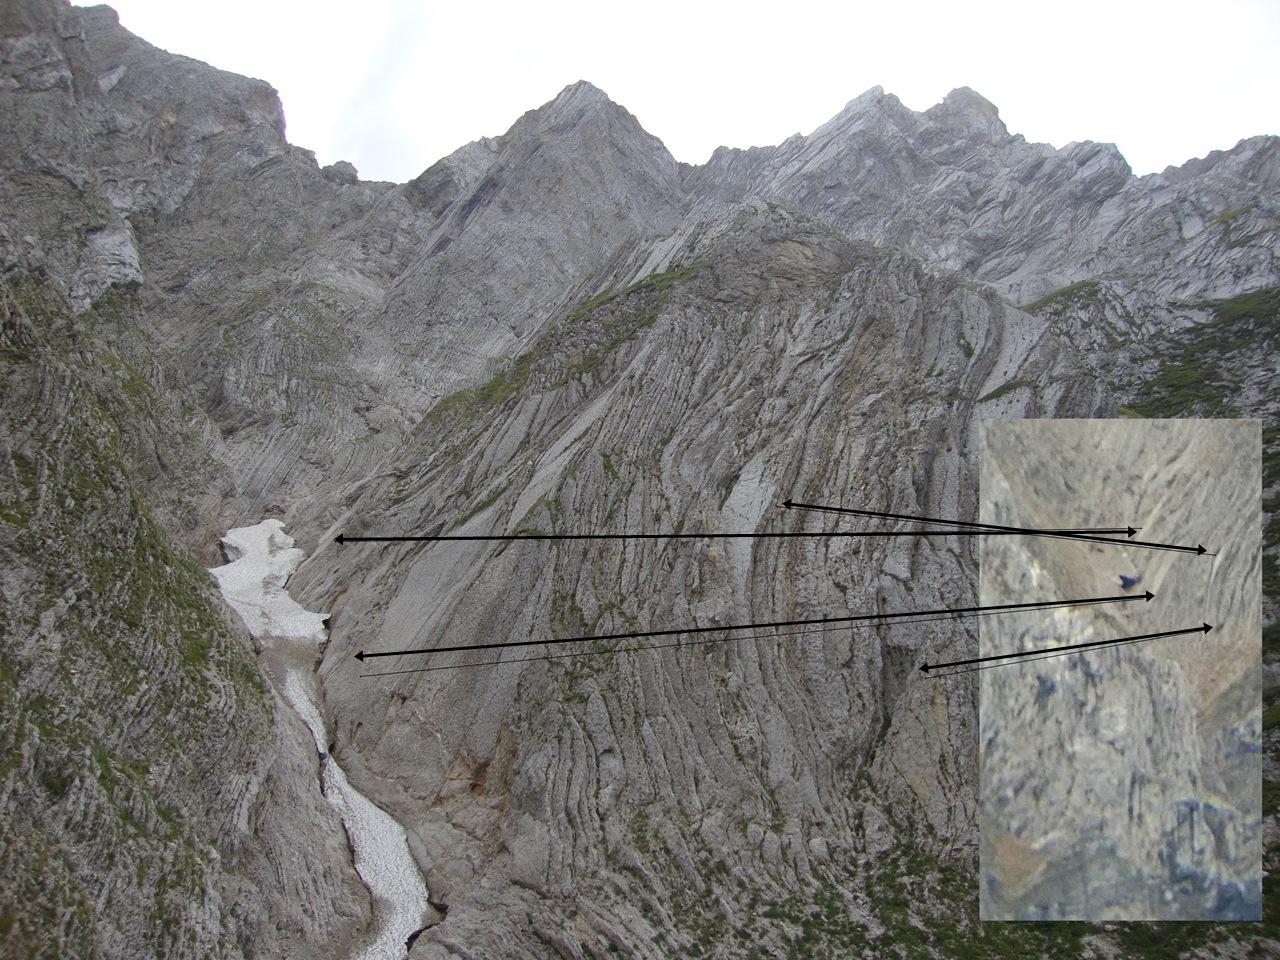 Situazione Nevai swettore Camicia Prena - Gran Sasso d'Italia - 12 agosto 2010-dsc01950.jpg